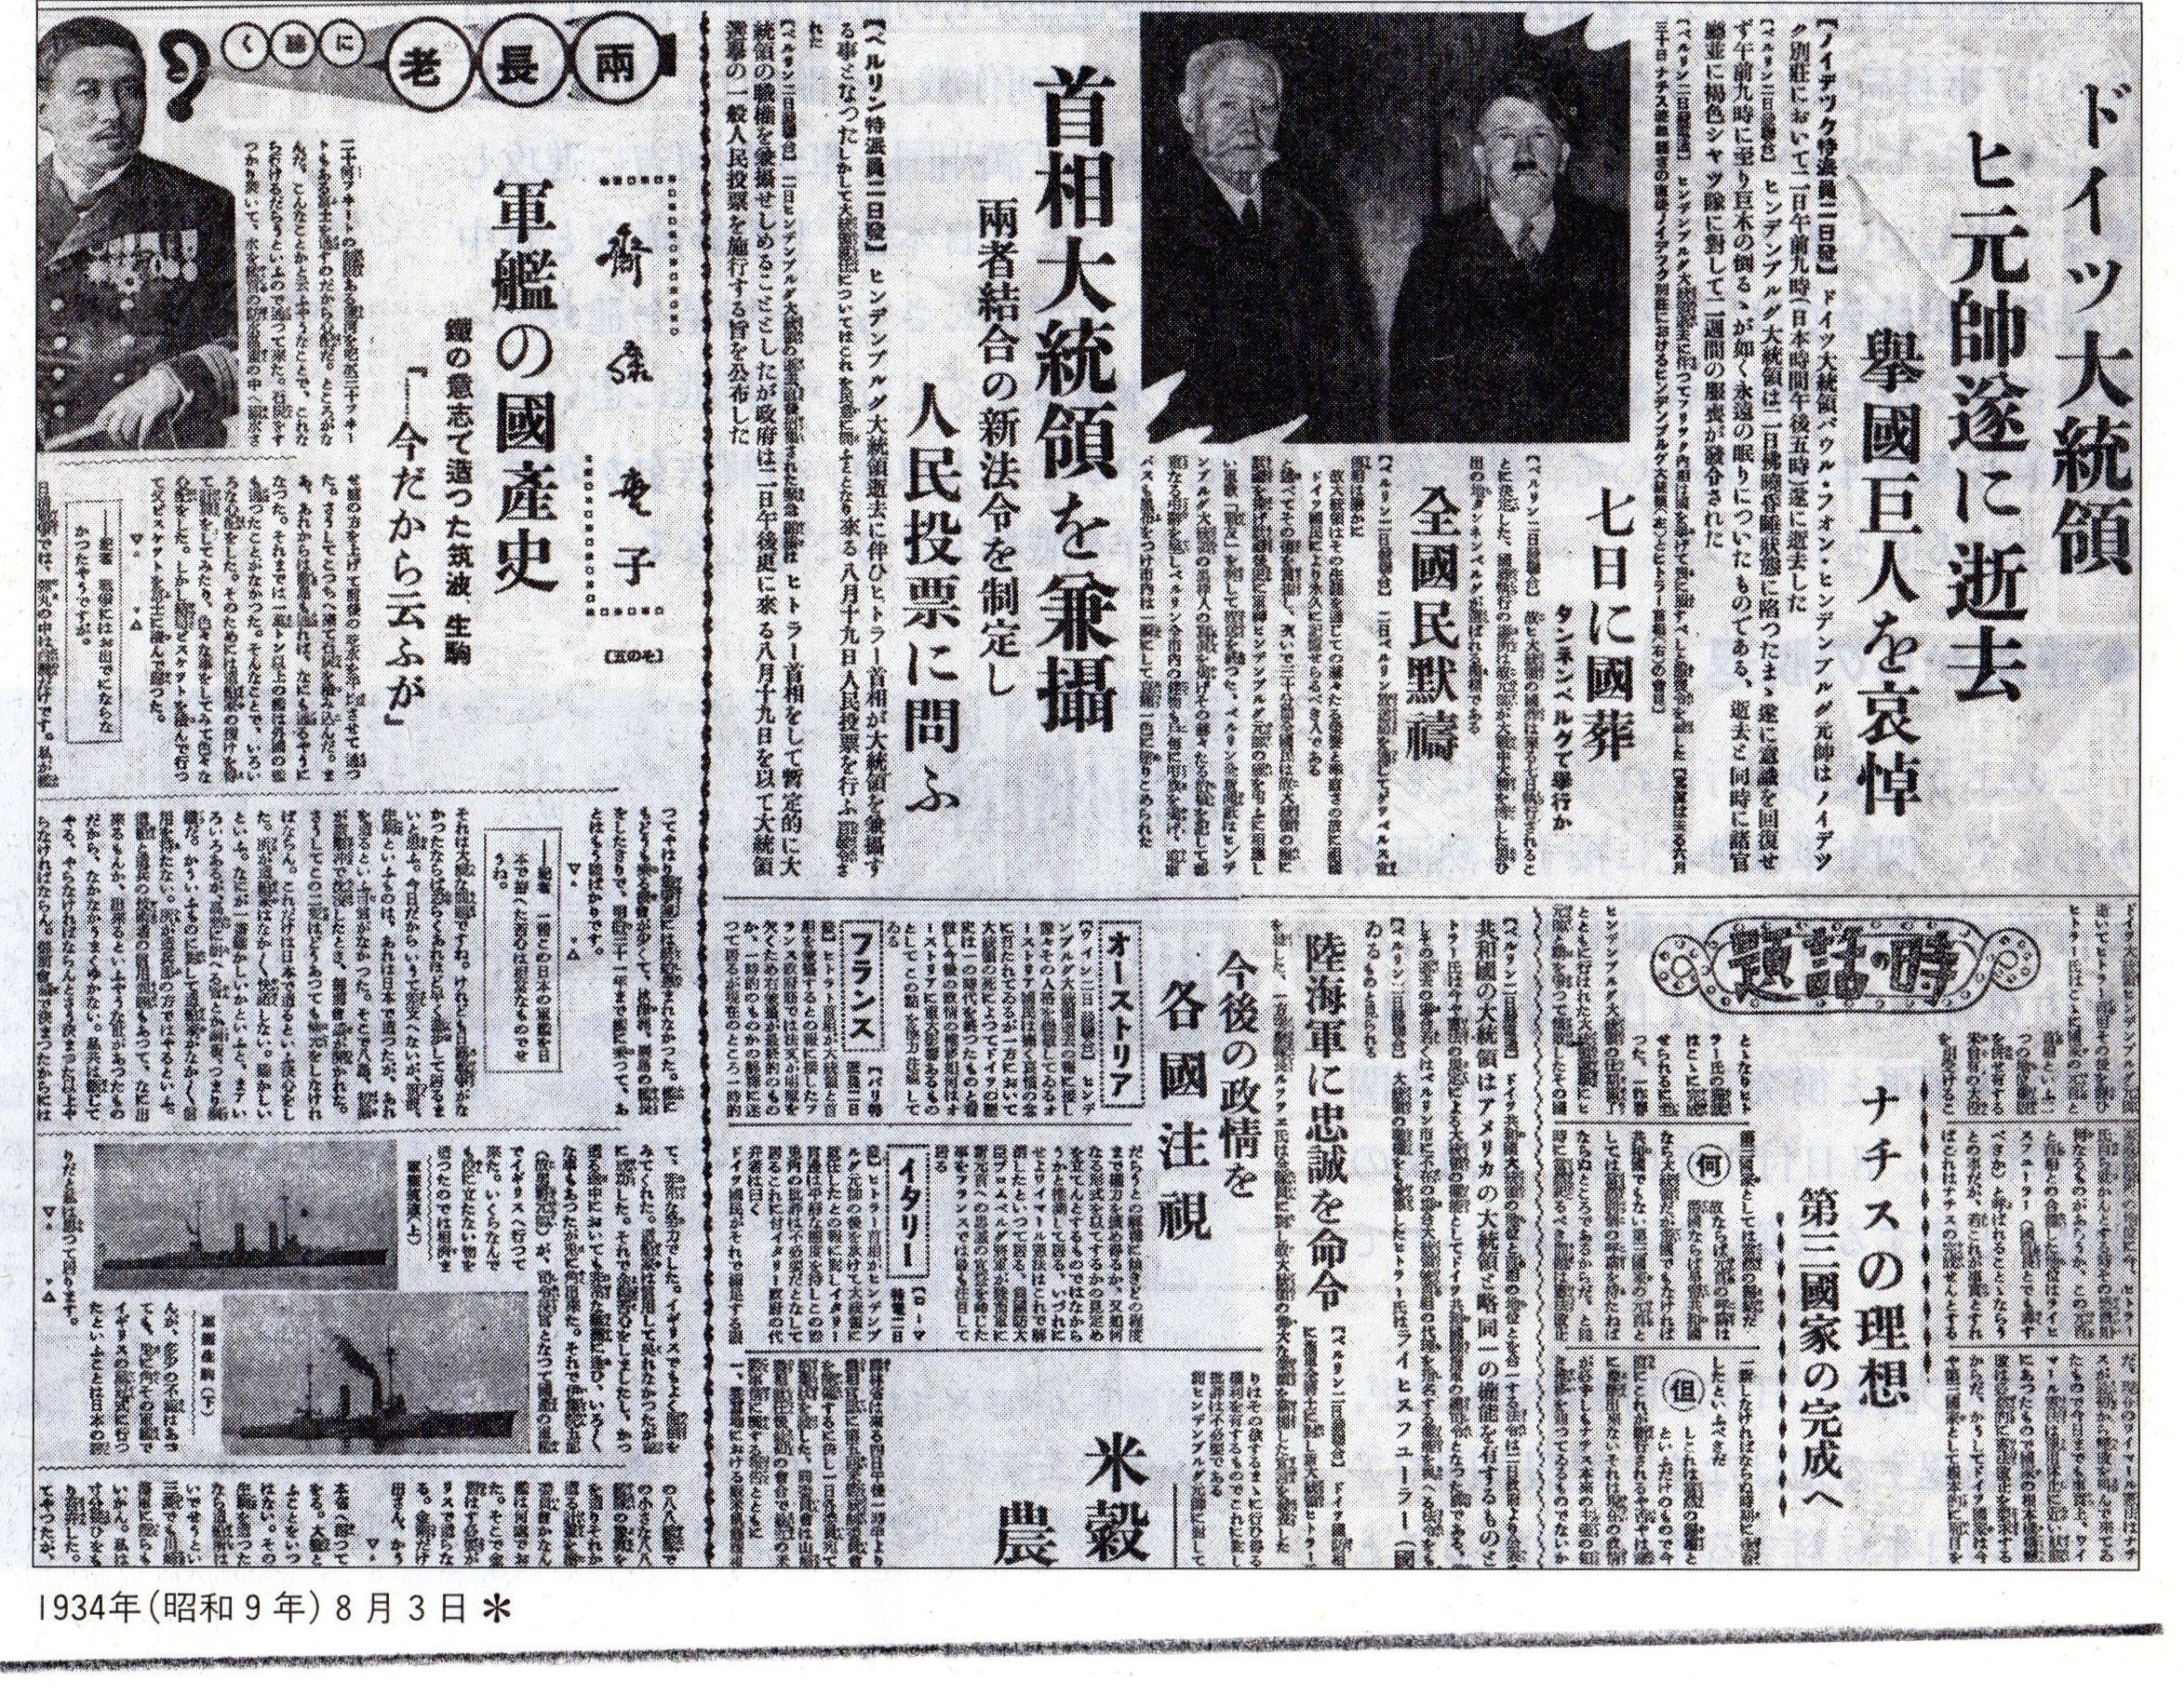 ボード 日本の新聞記事 newspaper article of japan のピン